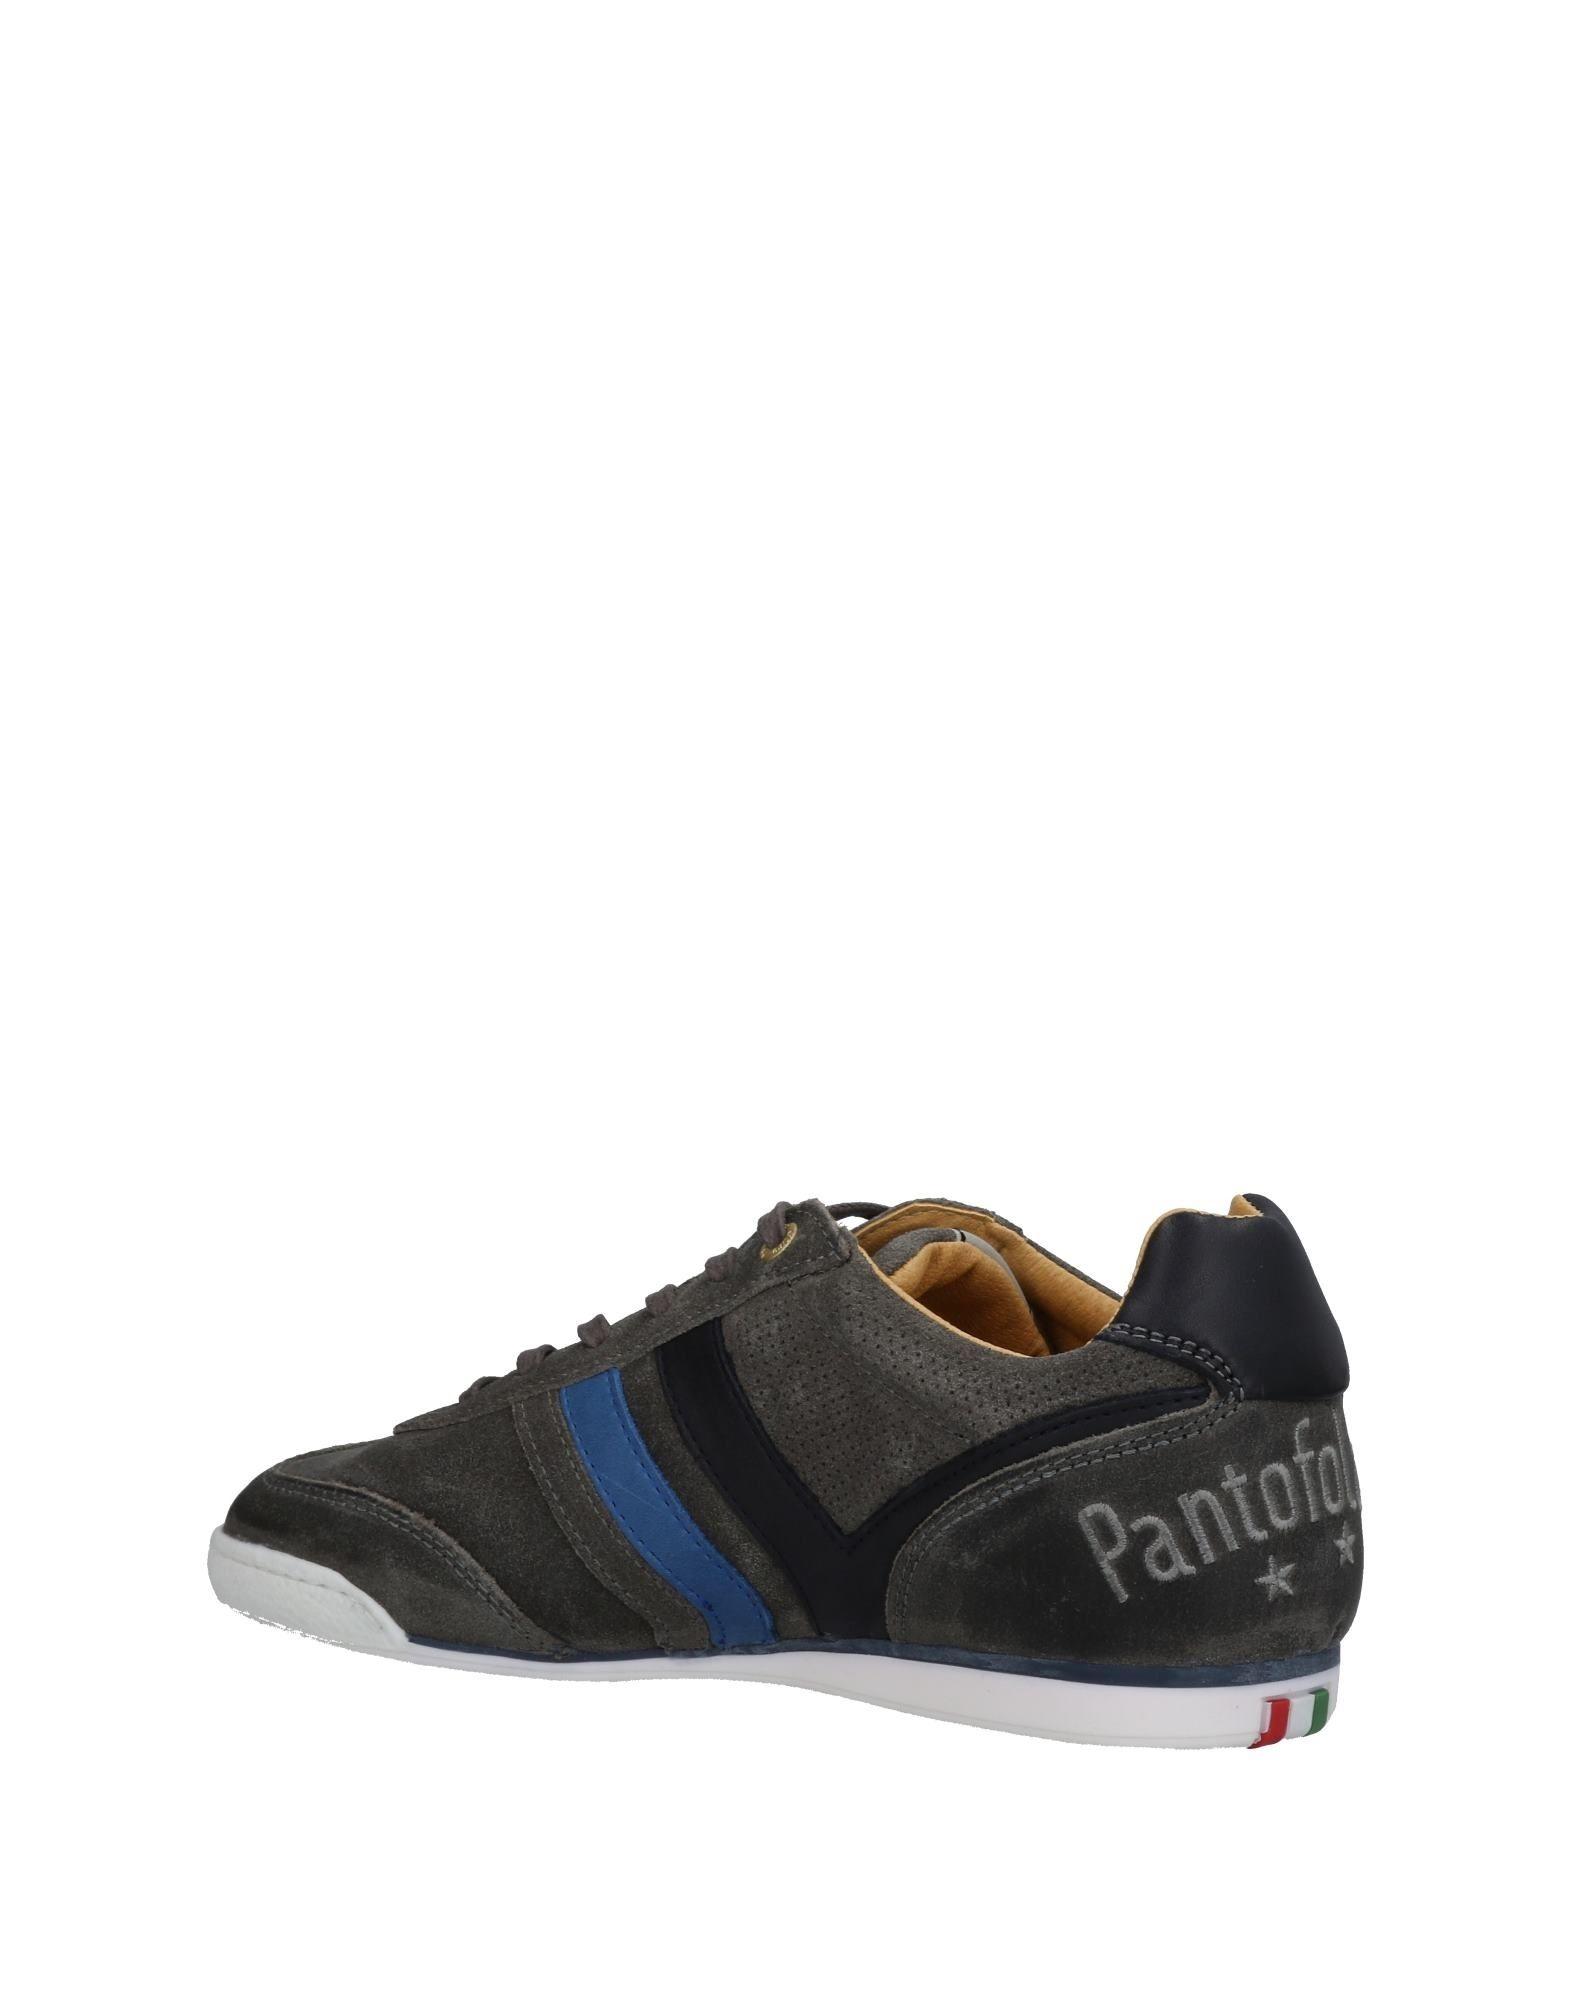 Rabatt echte Schuhe Pantofola D'oro Herren Sneakers Herren D'oro  11455668JE 4dd0ba